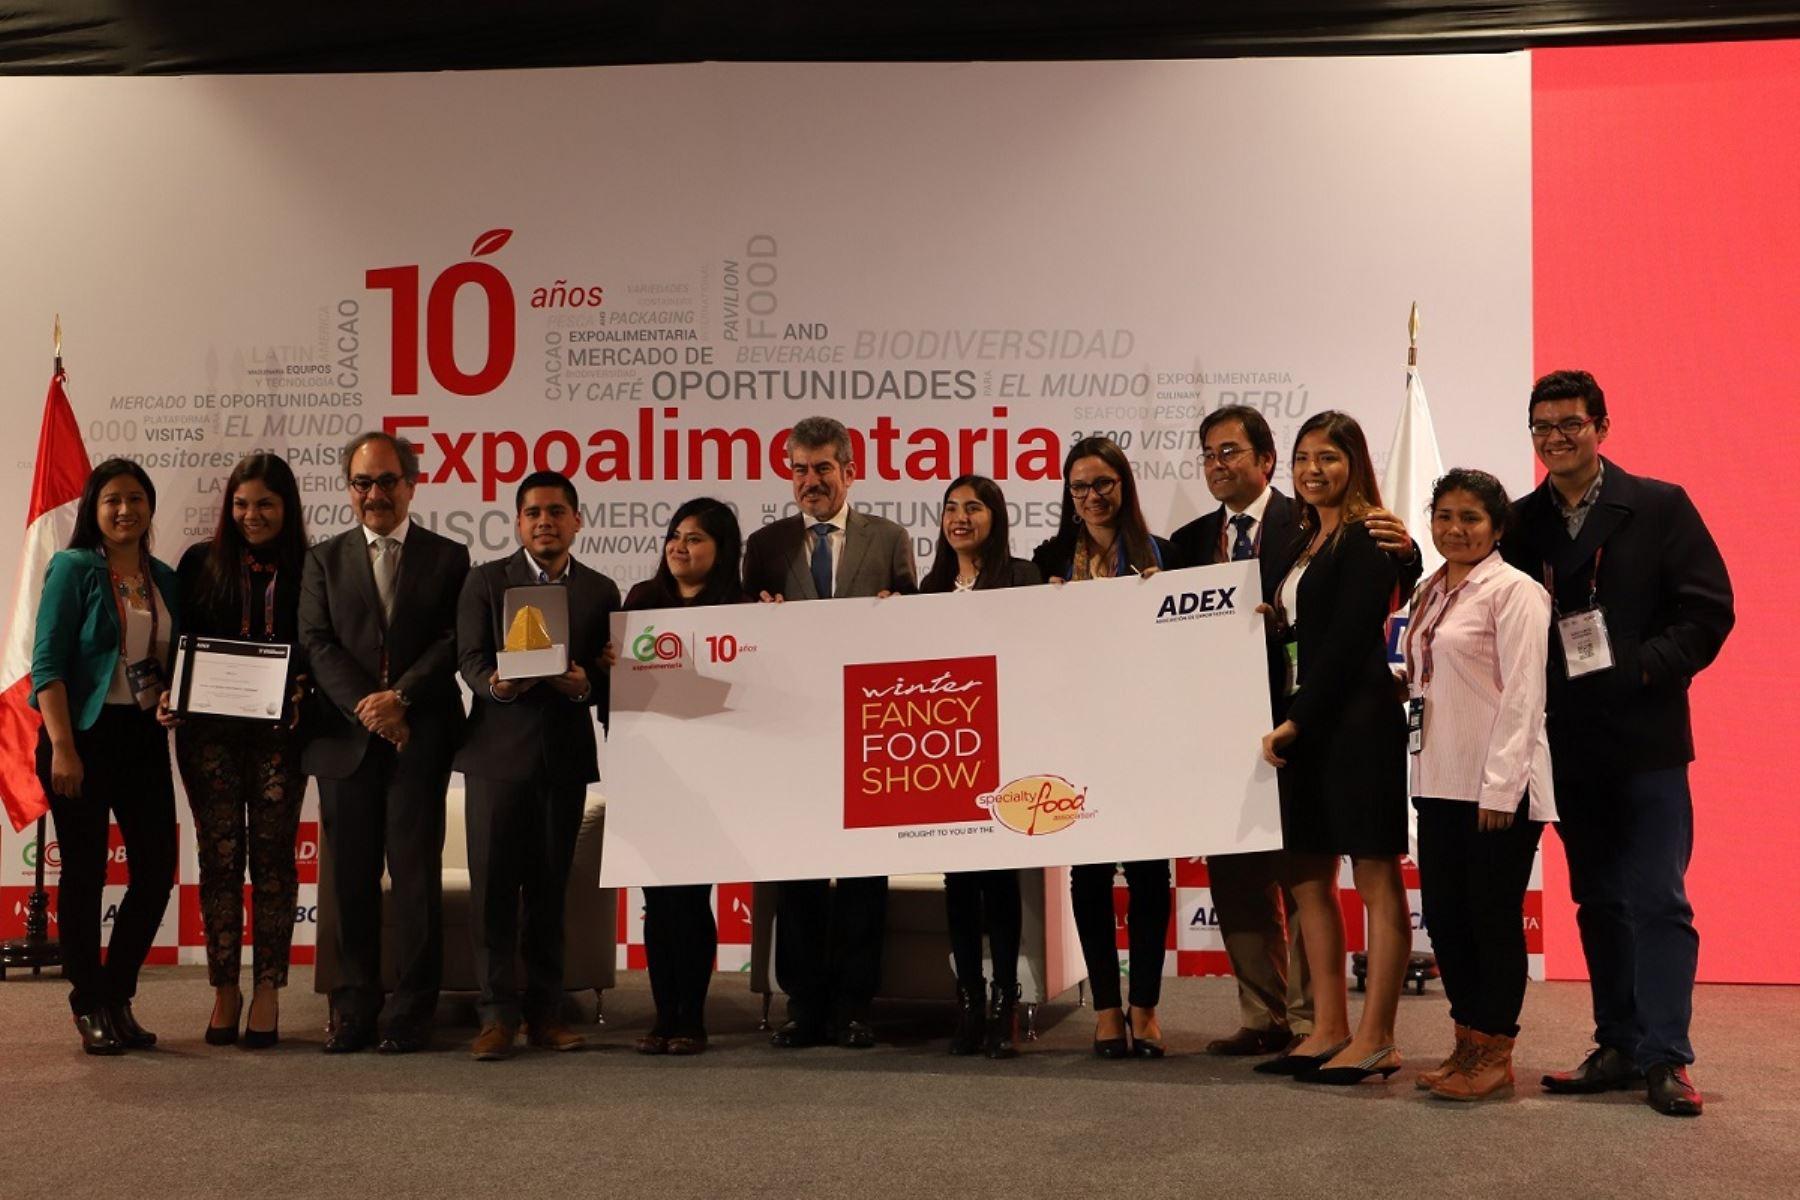 Ministro de Comercio Exterior y Turismo, Rogers Valencia y el titular de ADEX, Juan Varilias con premiados en Expoalimentaria. Foto: Cortesía.